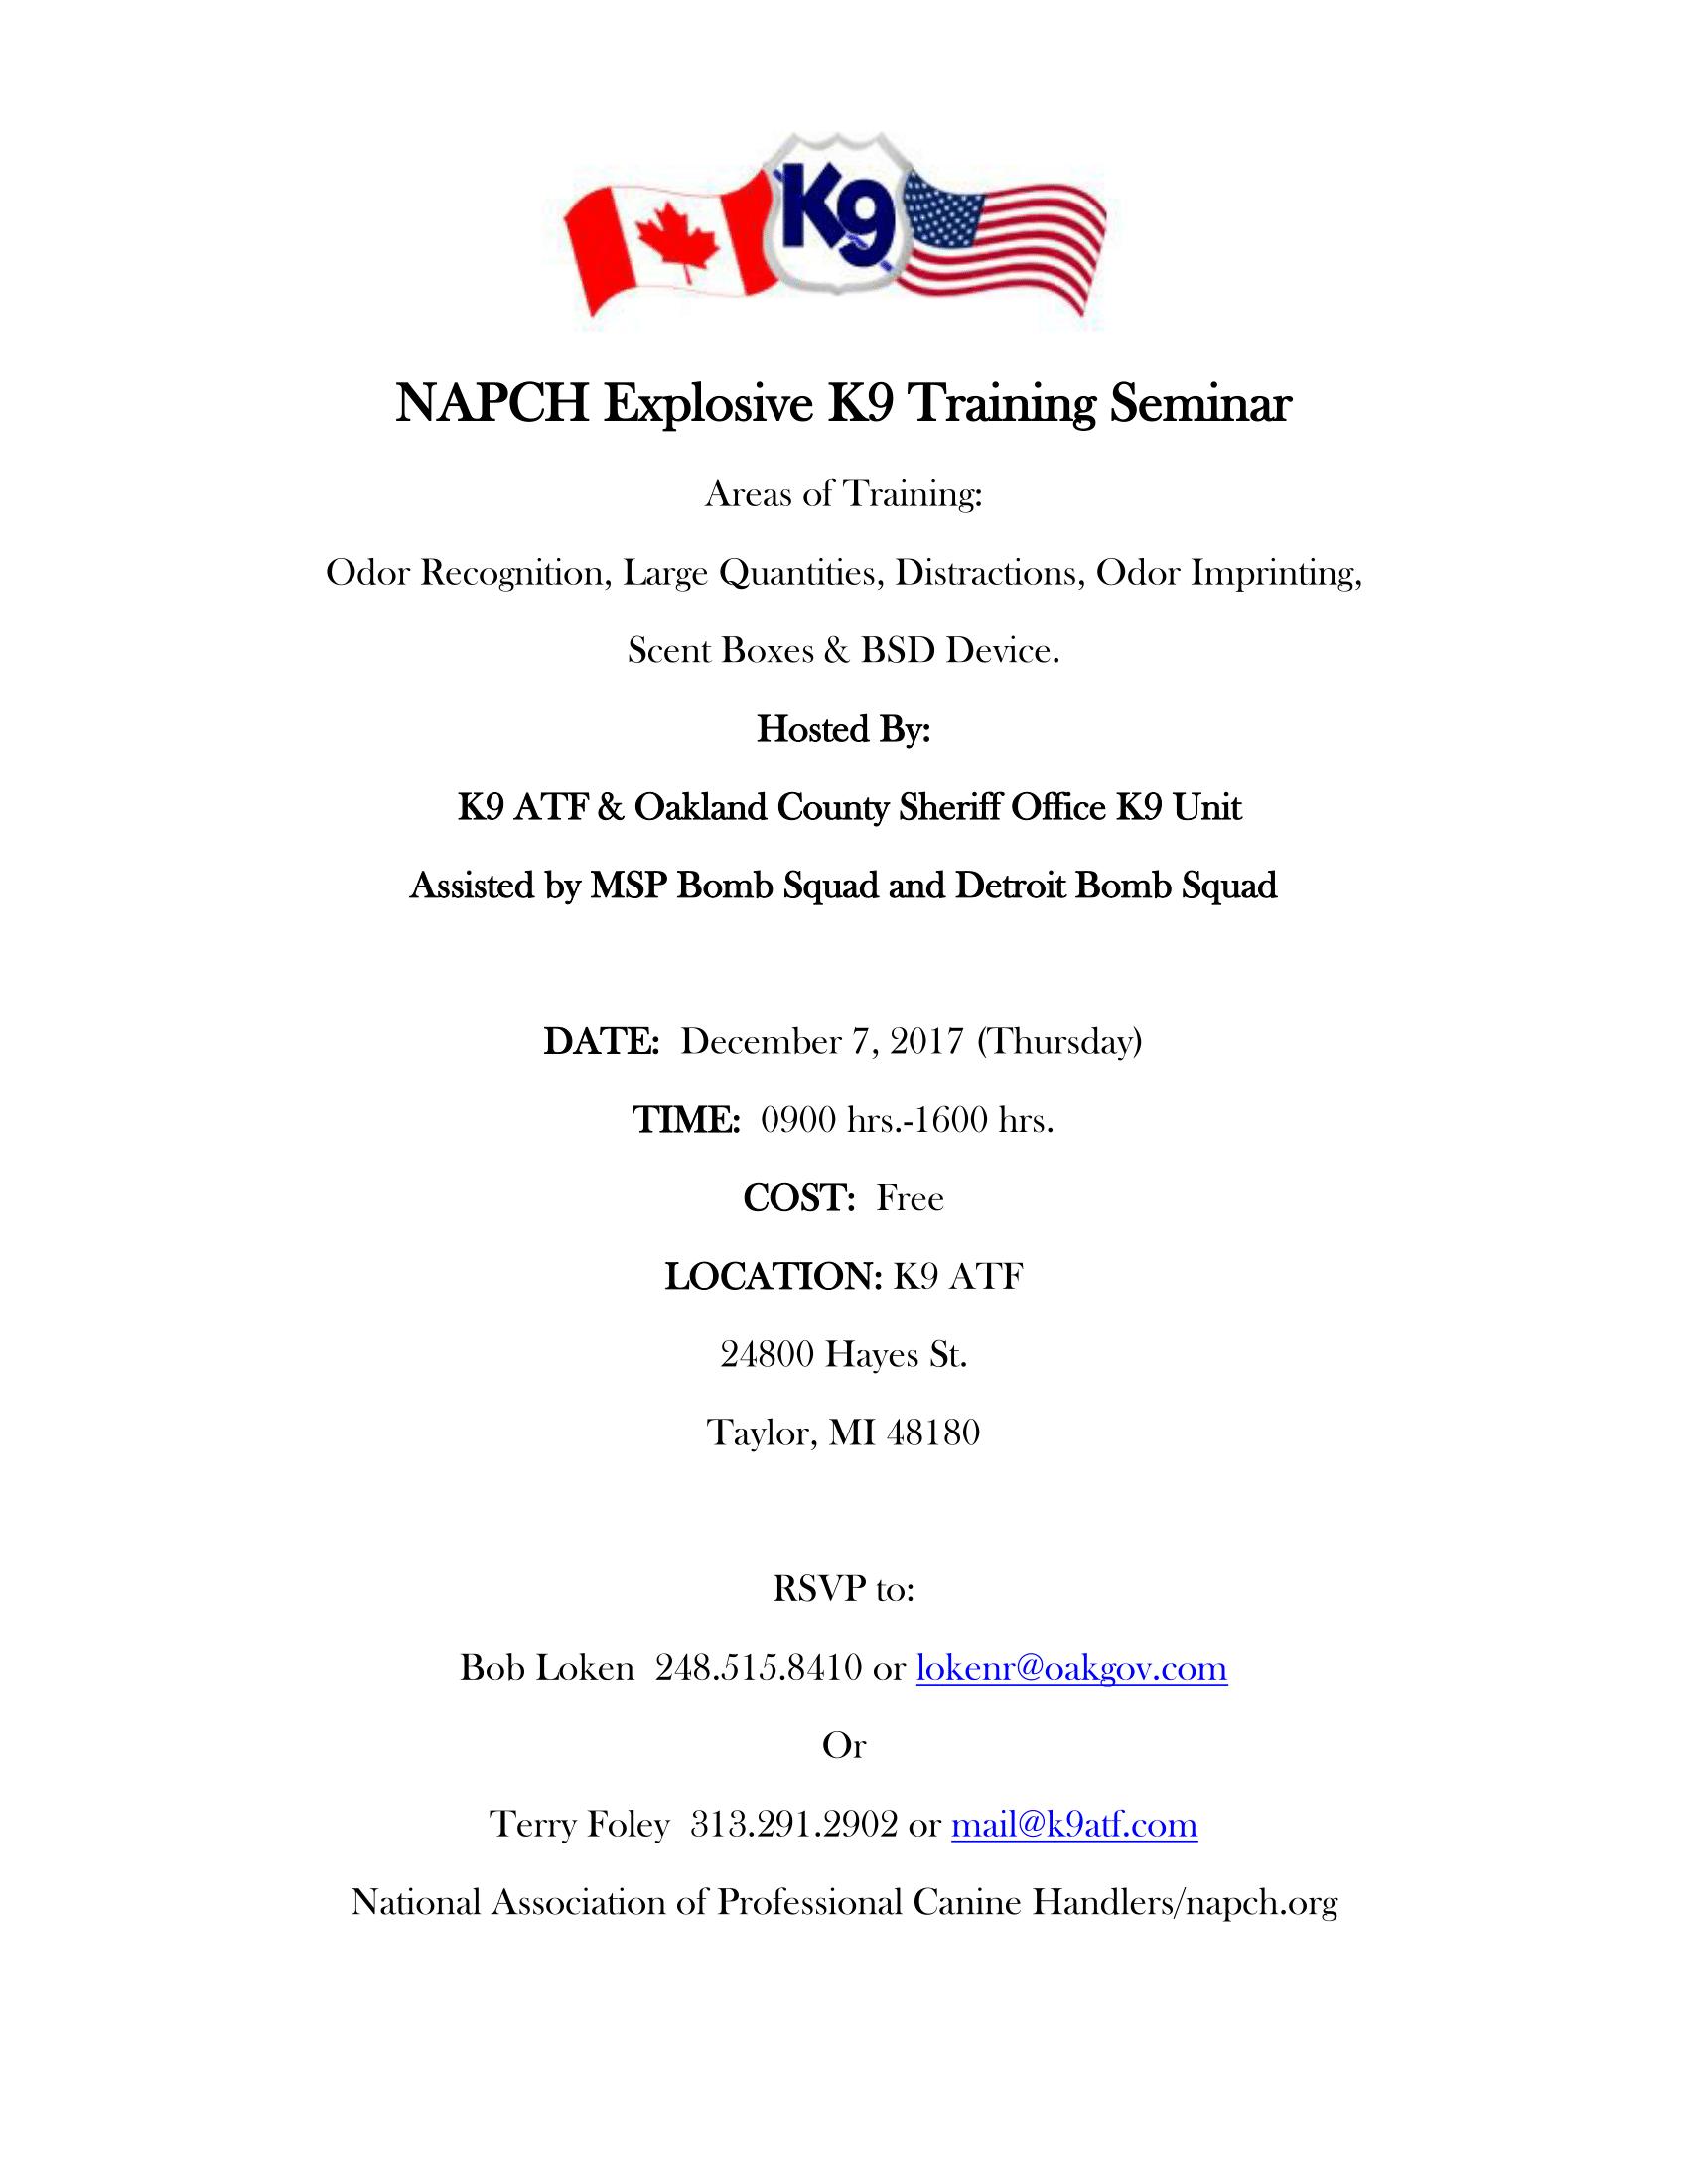 Explosive K9 Training Seminar 2017 Flyer